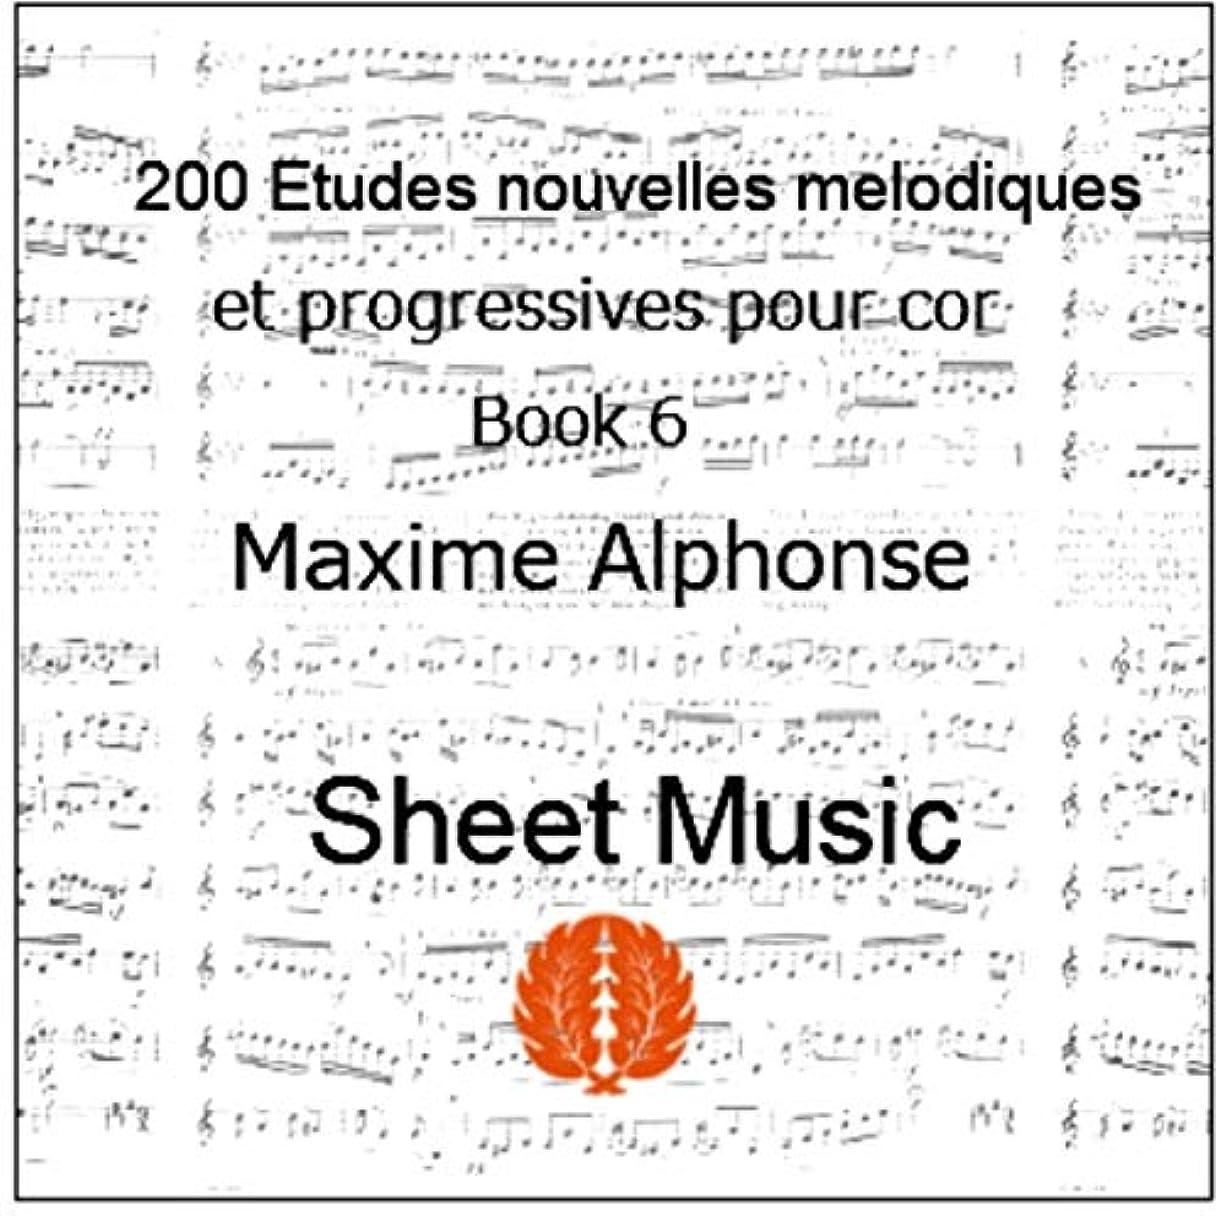 空虚遅滞フライト楽譜 pdf マキシム?アルフォンス : ホルンのための新しい200の練習曲集 第6巻